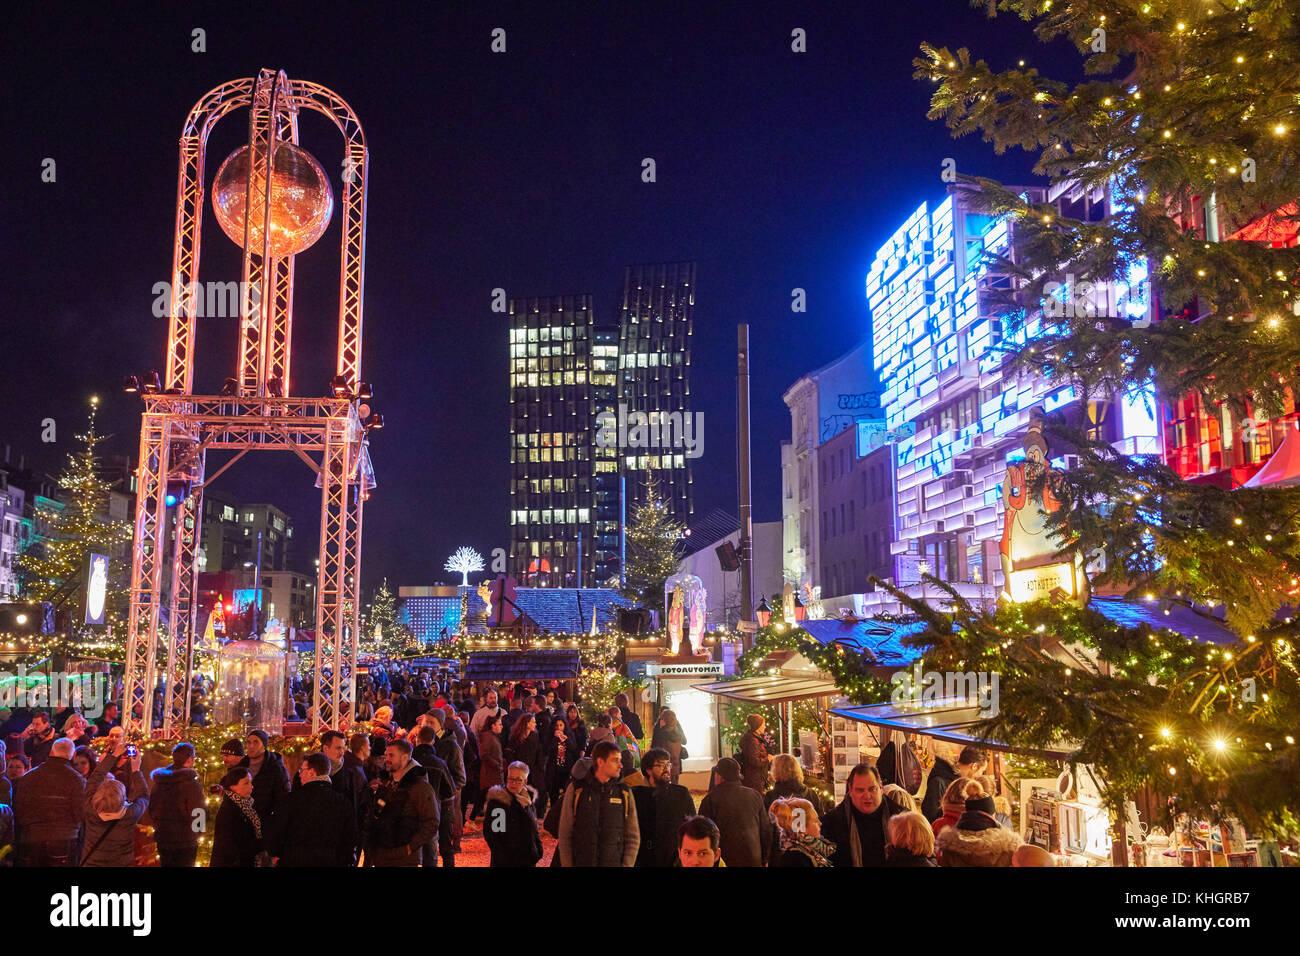 St Pauli Weihnachtsmarkt öffnungszeiten.Weihnachtsmarkt Santa Pauli Hamburg 2017 Santa Pauli 2019 03 04